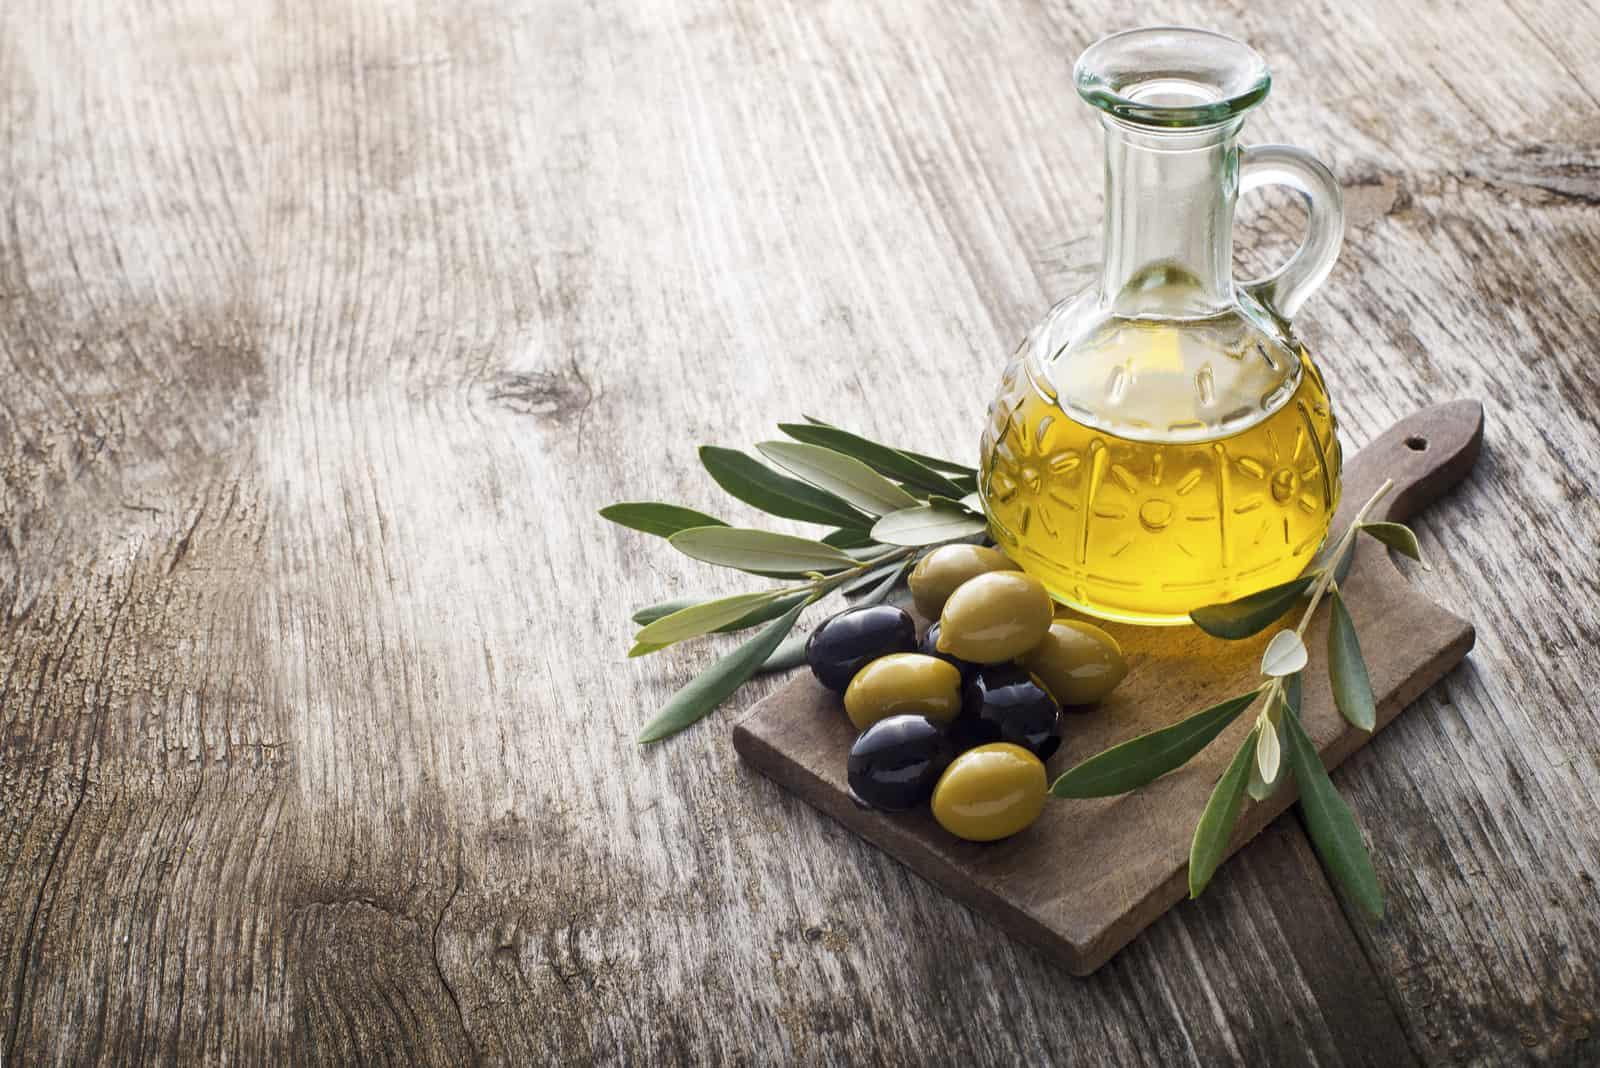 Olivenöl in einer Schüssel auf dem Tisch